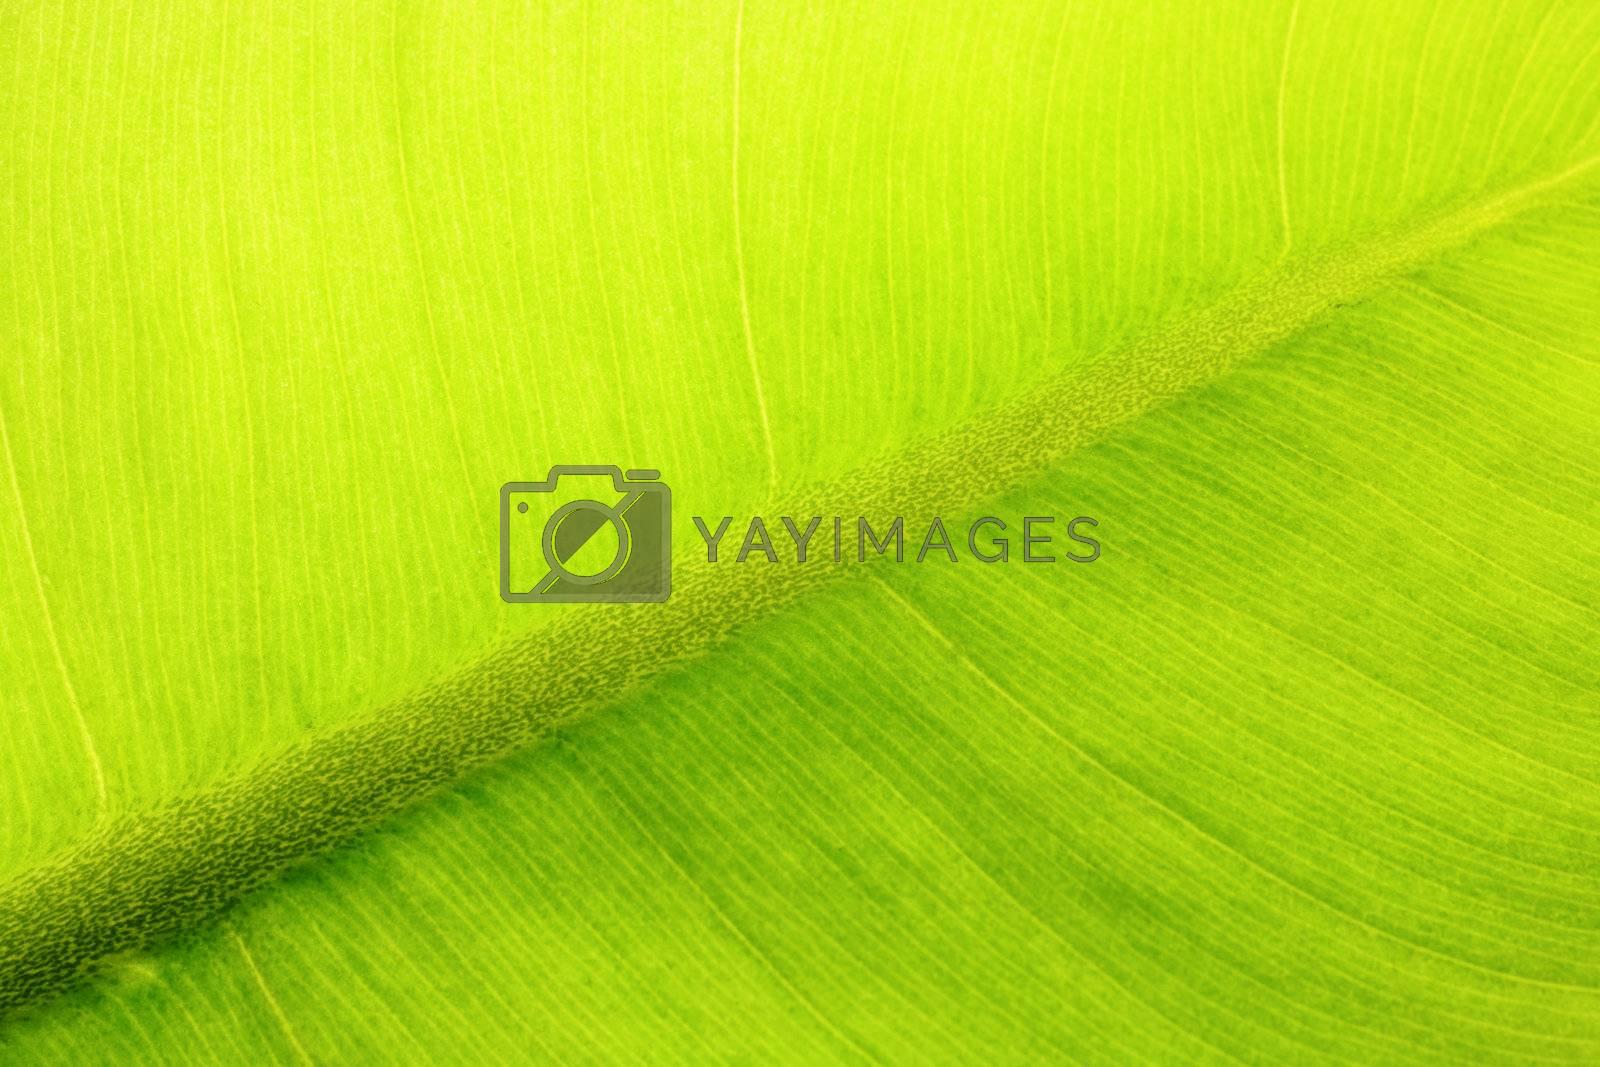 leaf background by leungchopan